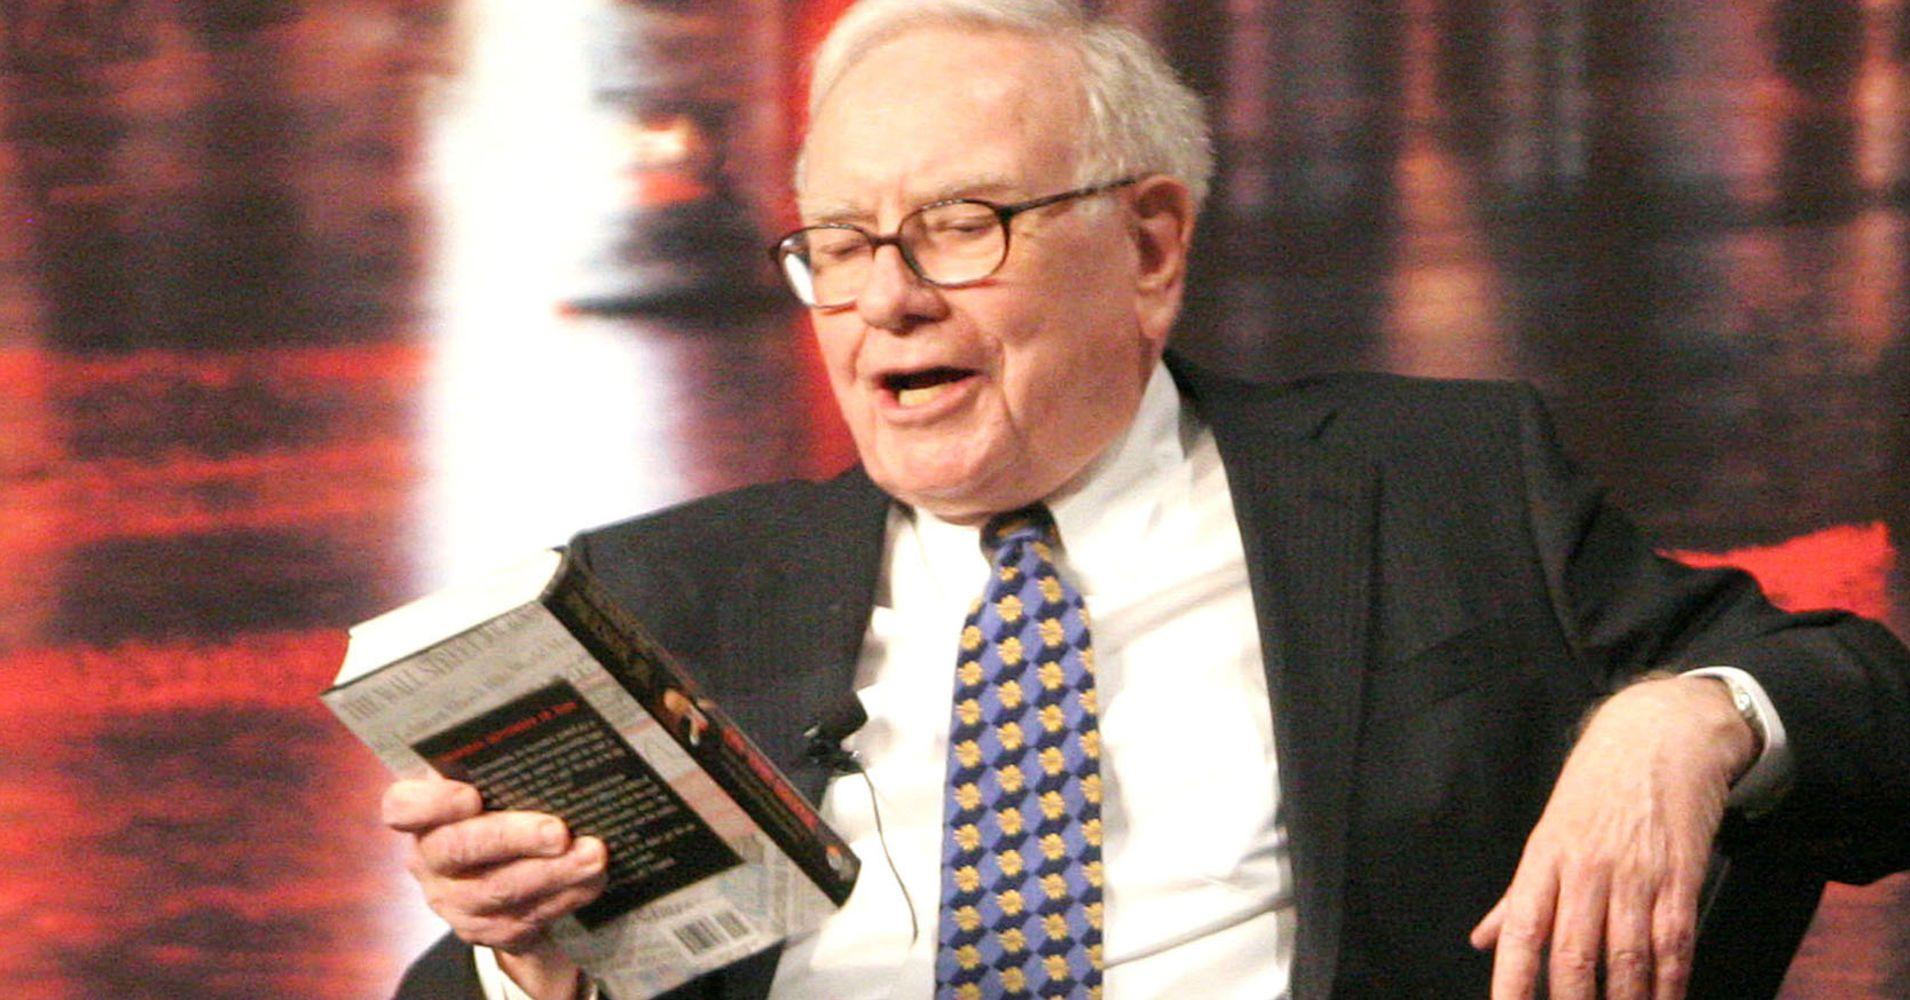 Kitap okumak yıllardır Warren Buffett'in alışkanlığı olmuştur.